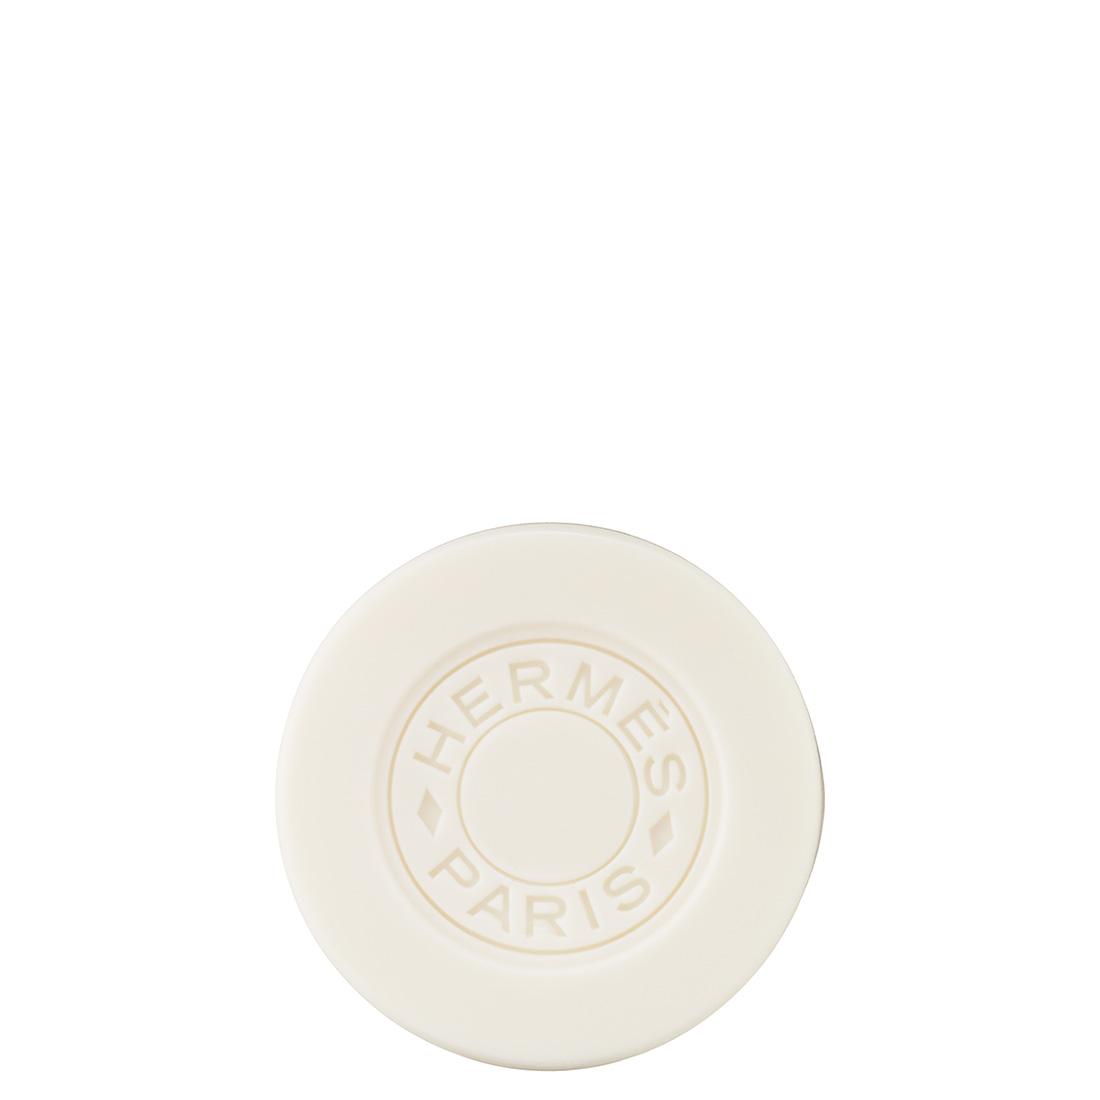 Hermès - 24 Faubourg - Savon parfumé